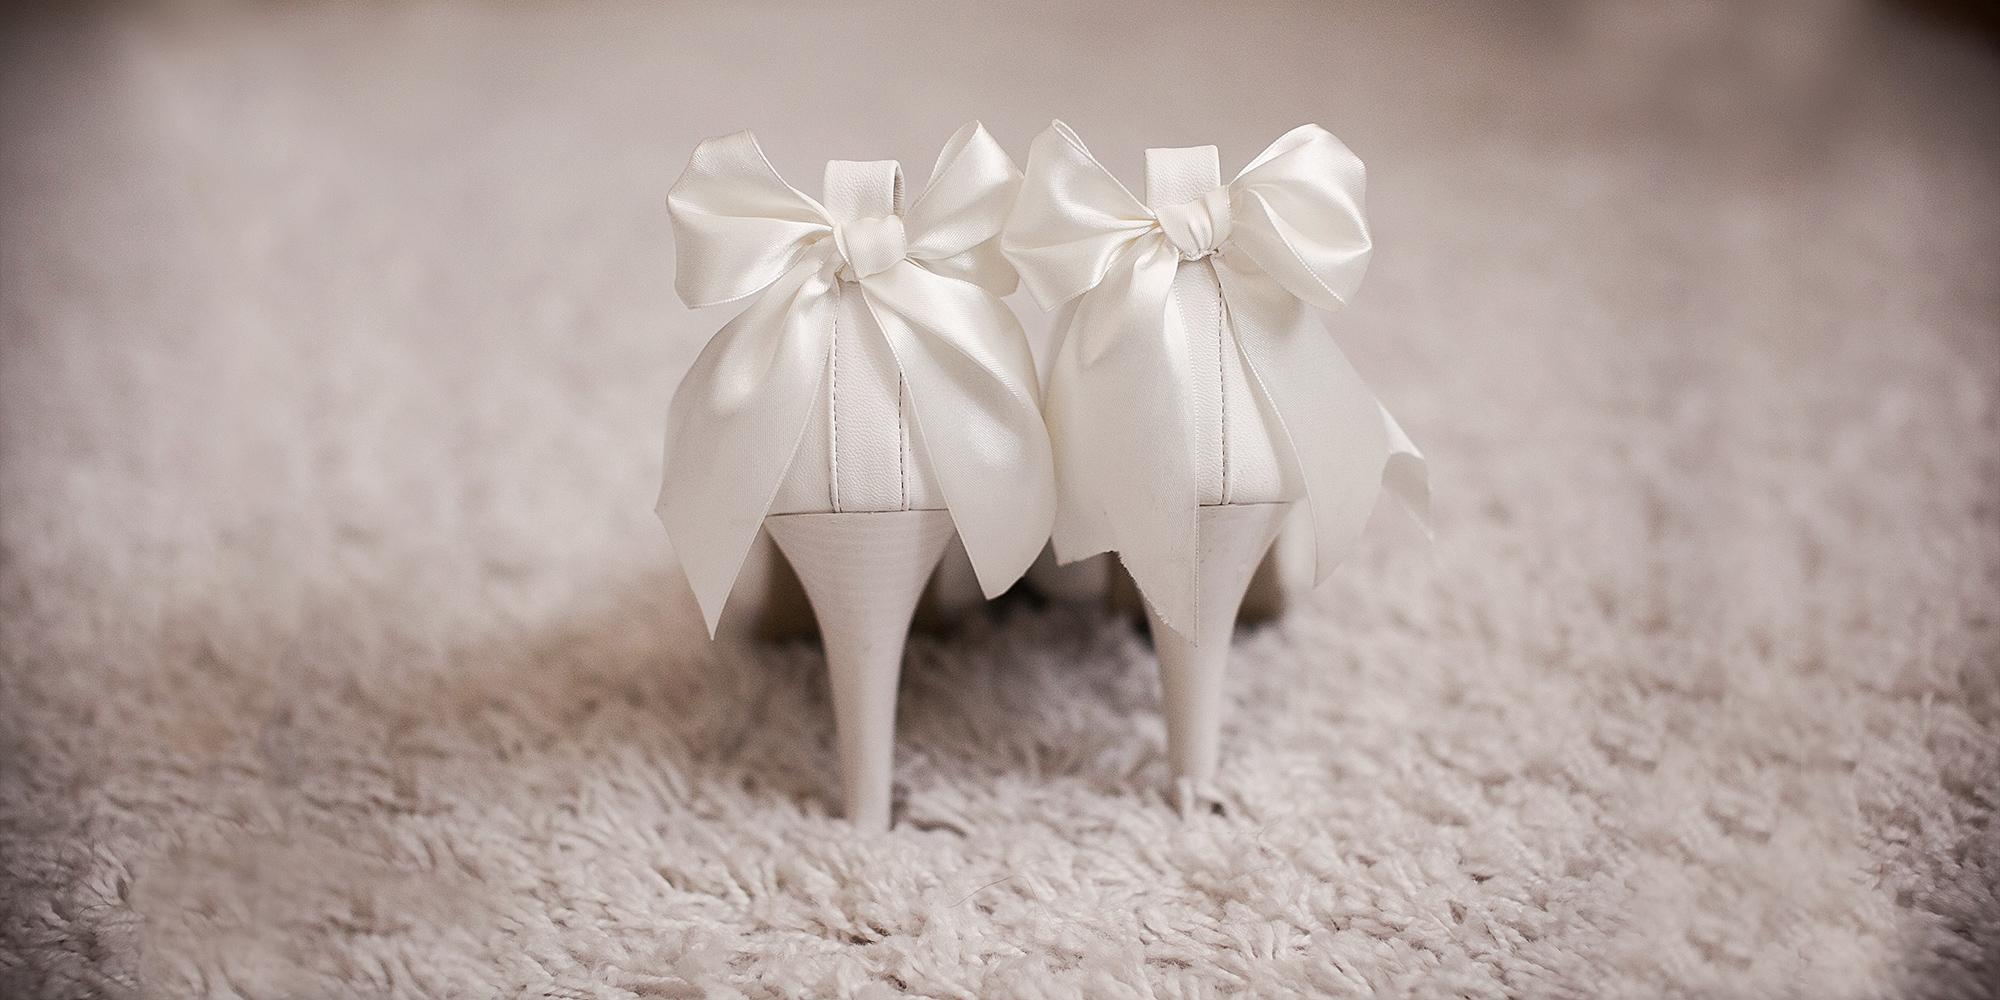 d27c60e083 Svadobné topánky značky Witt